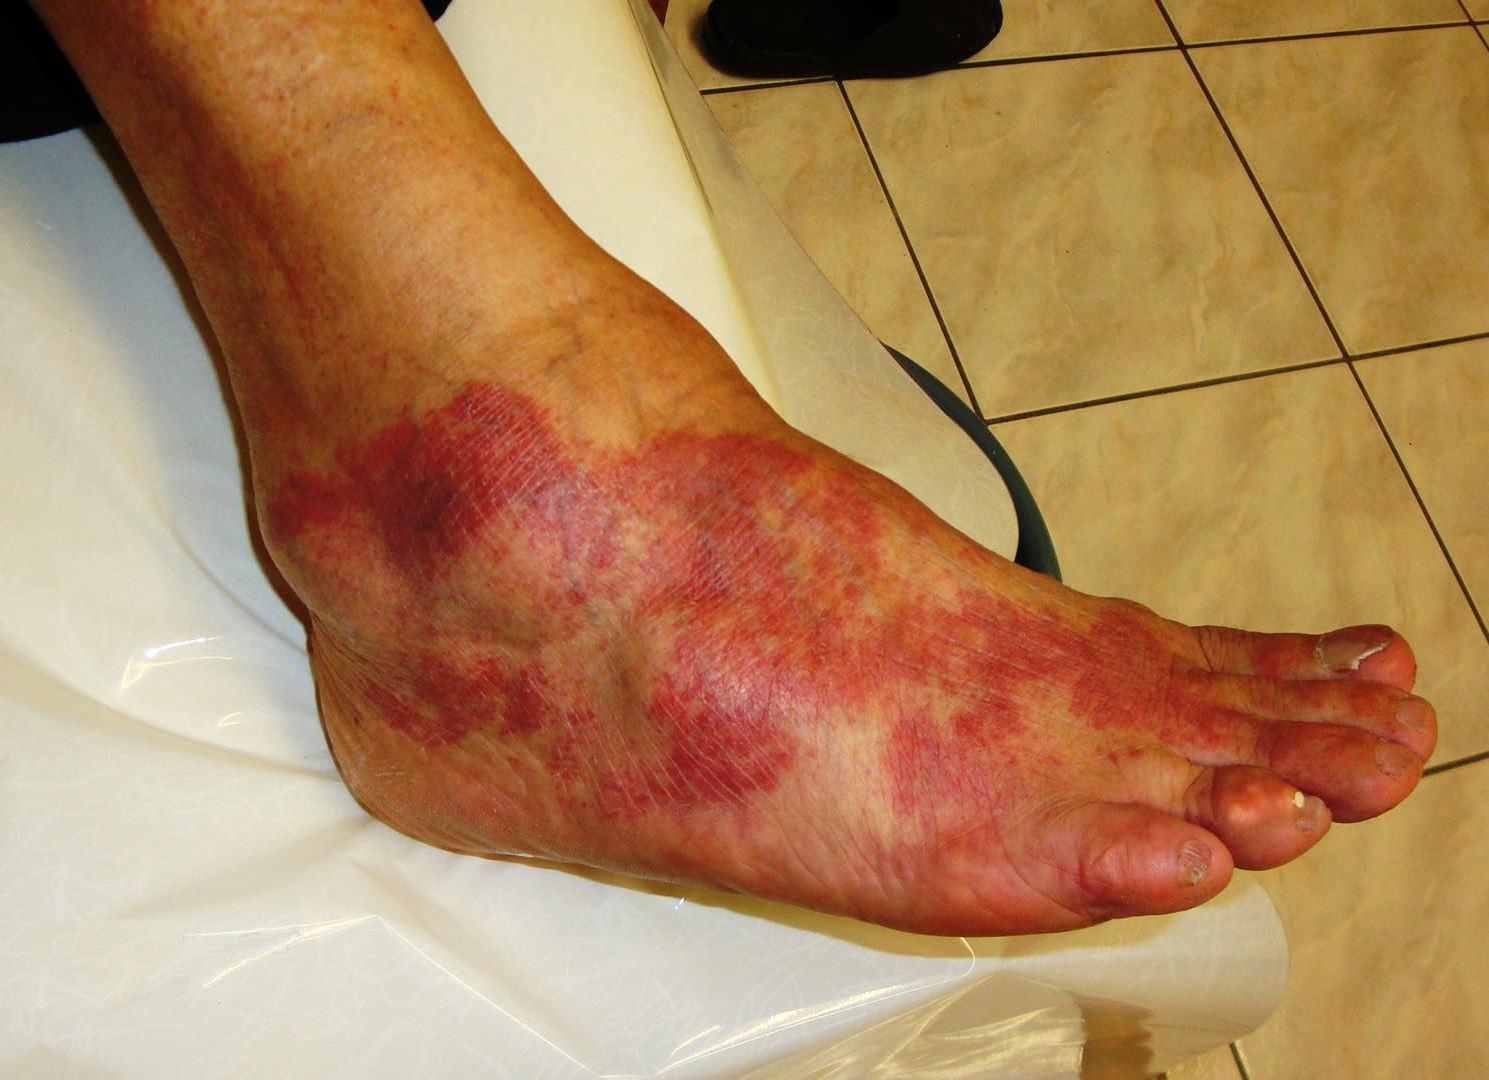 蜂窩 織 炎 後遺症